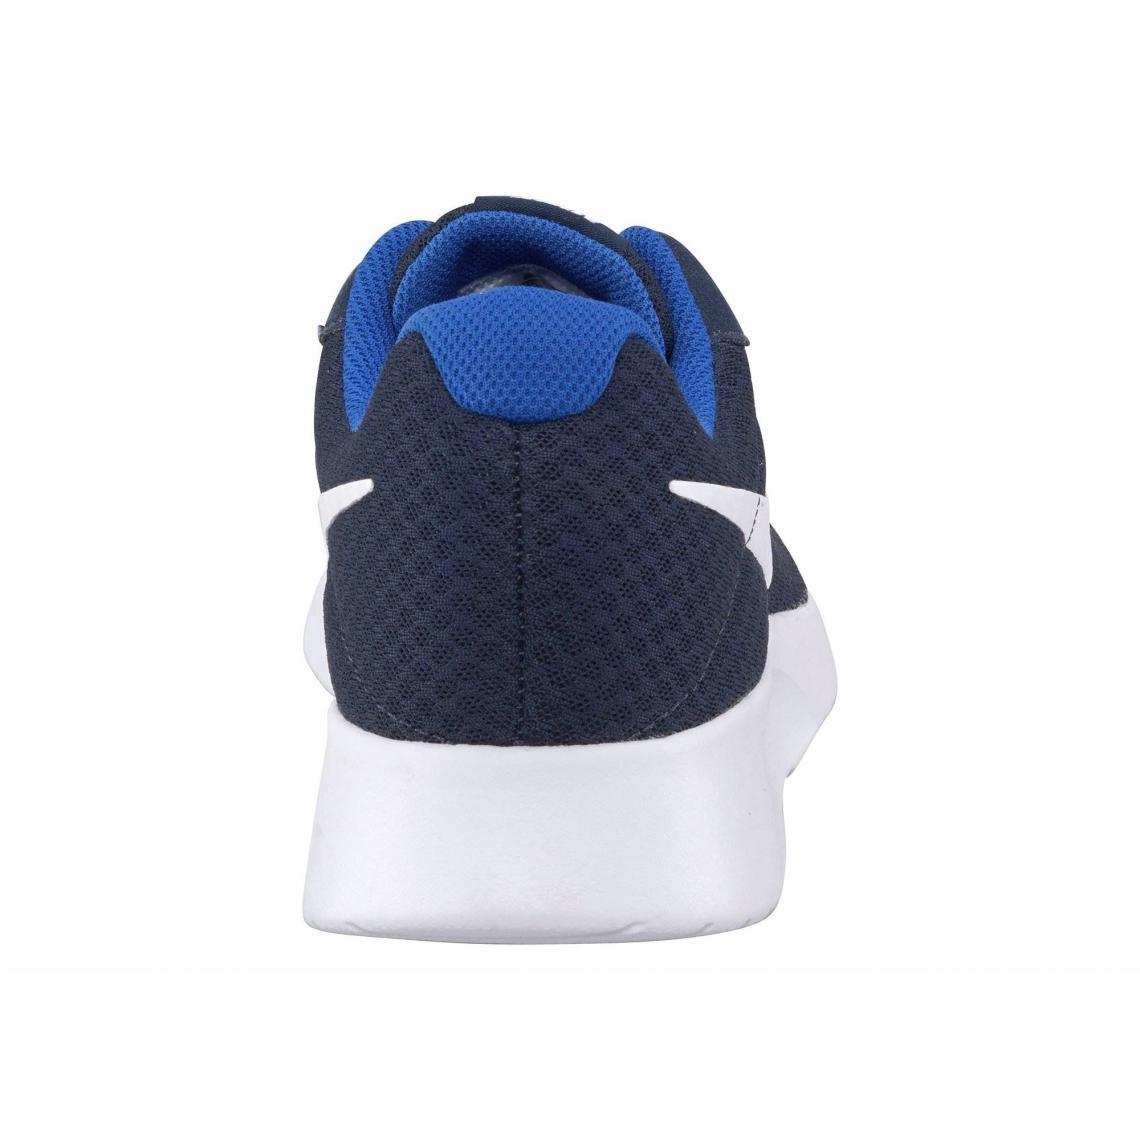 b5da8f5159fa4 Toutes les chaussures Nike Cliquez l image pour l agrandir. Baskets homme  Tanjun de Nike - Marine - Blanc Nike Cliquez ...